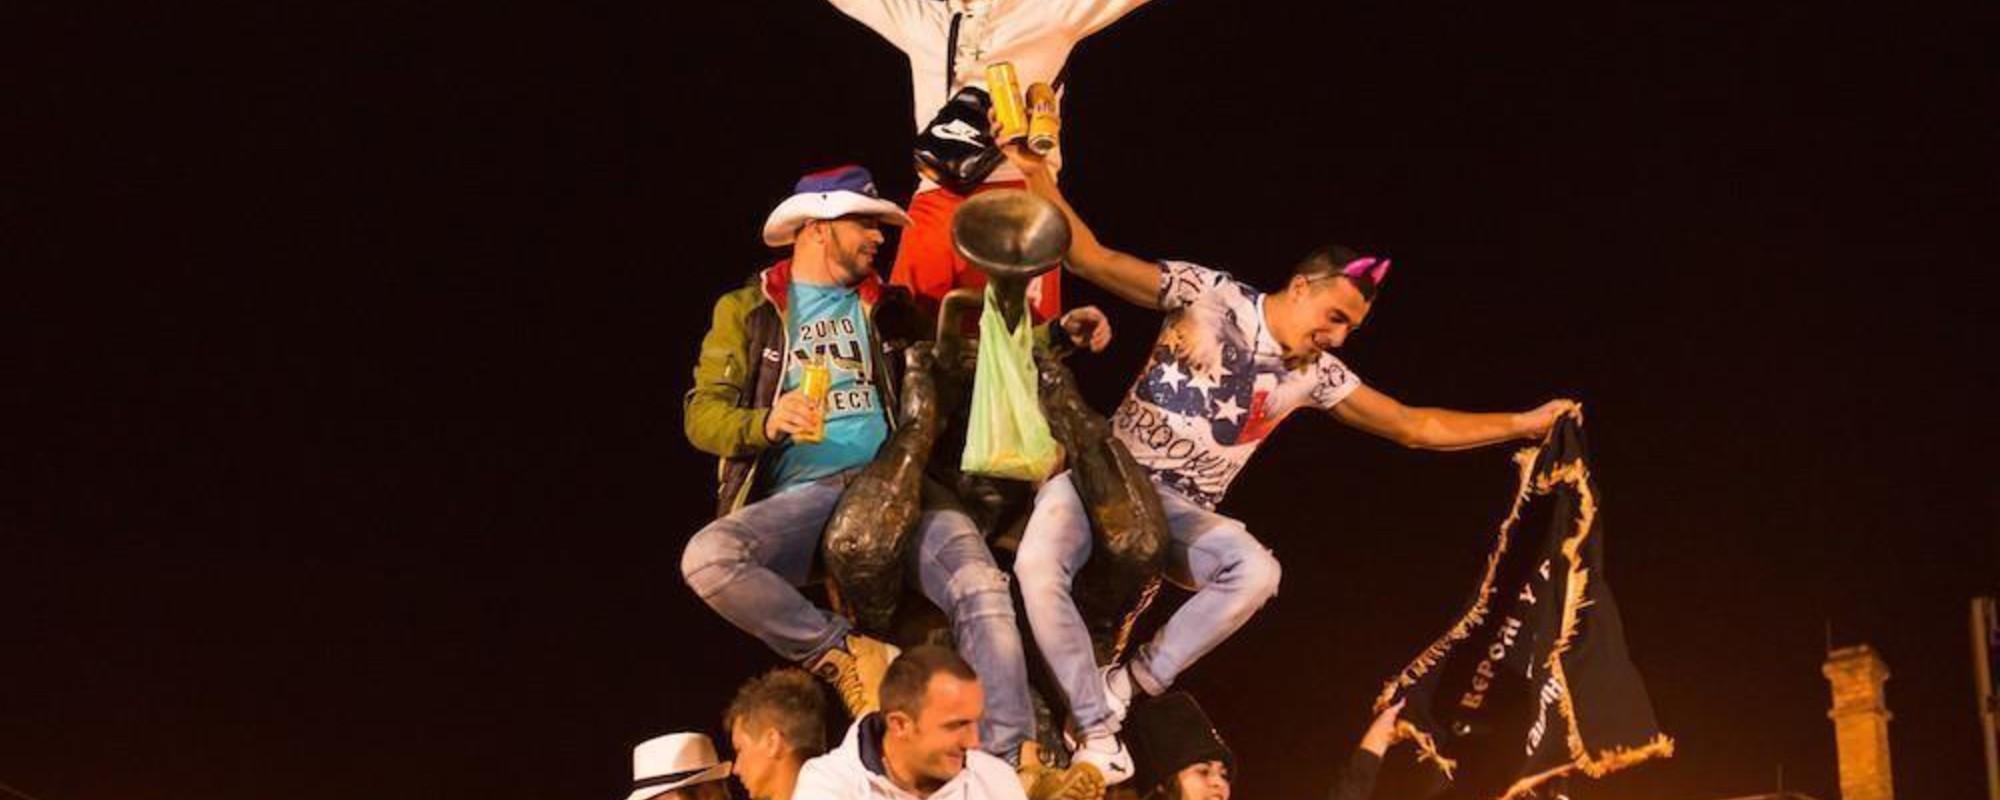 Sindssyge billeder fra verdens største trompetfestival